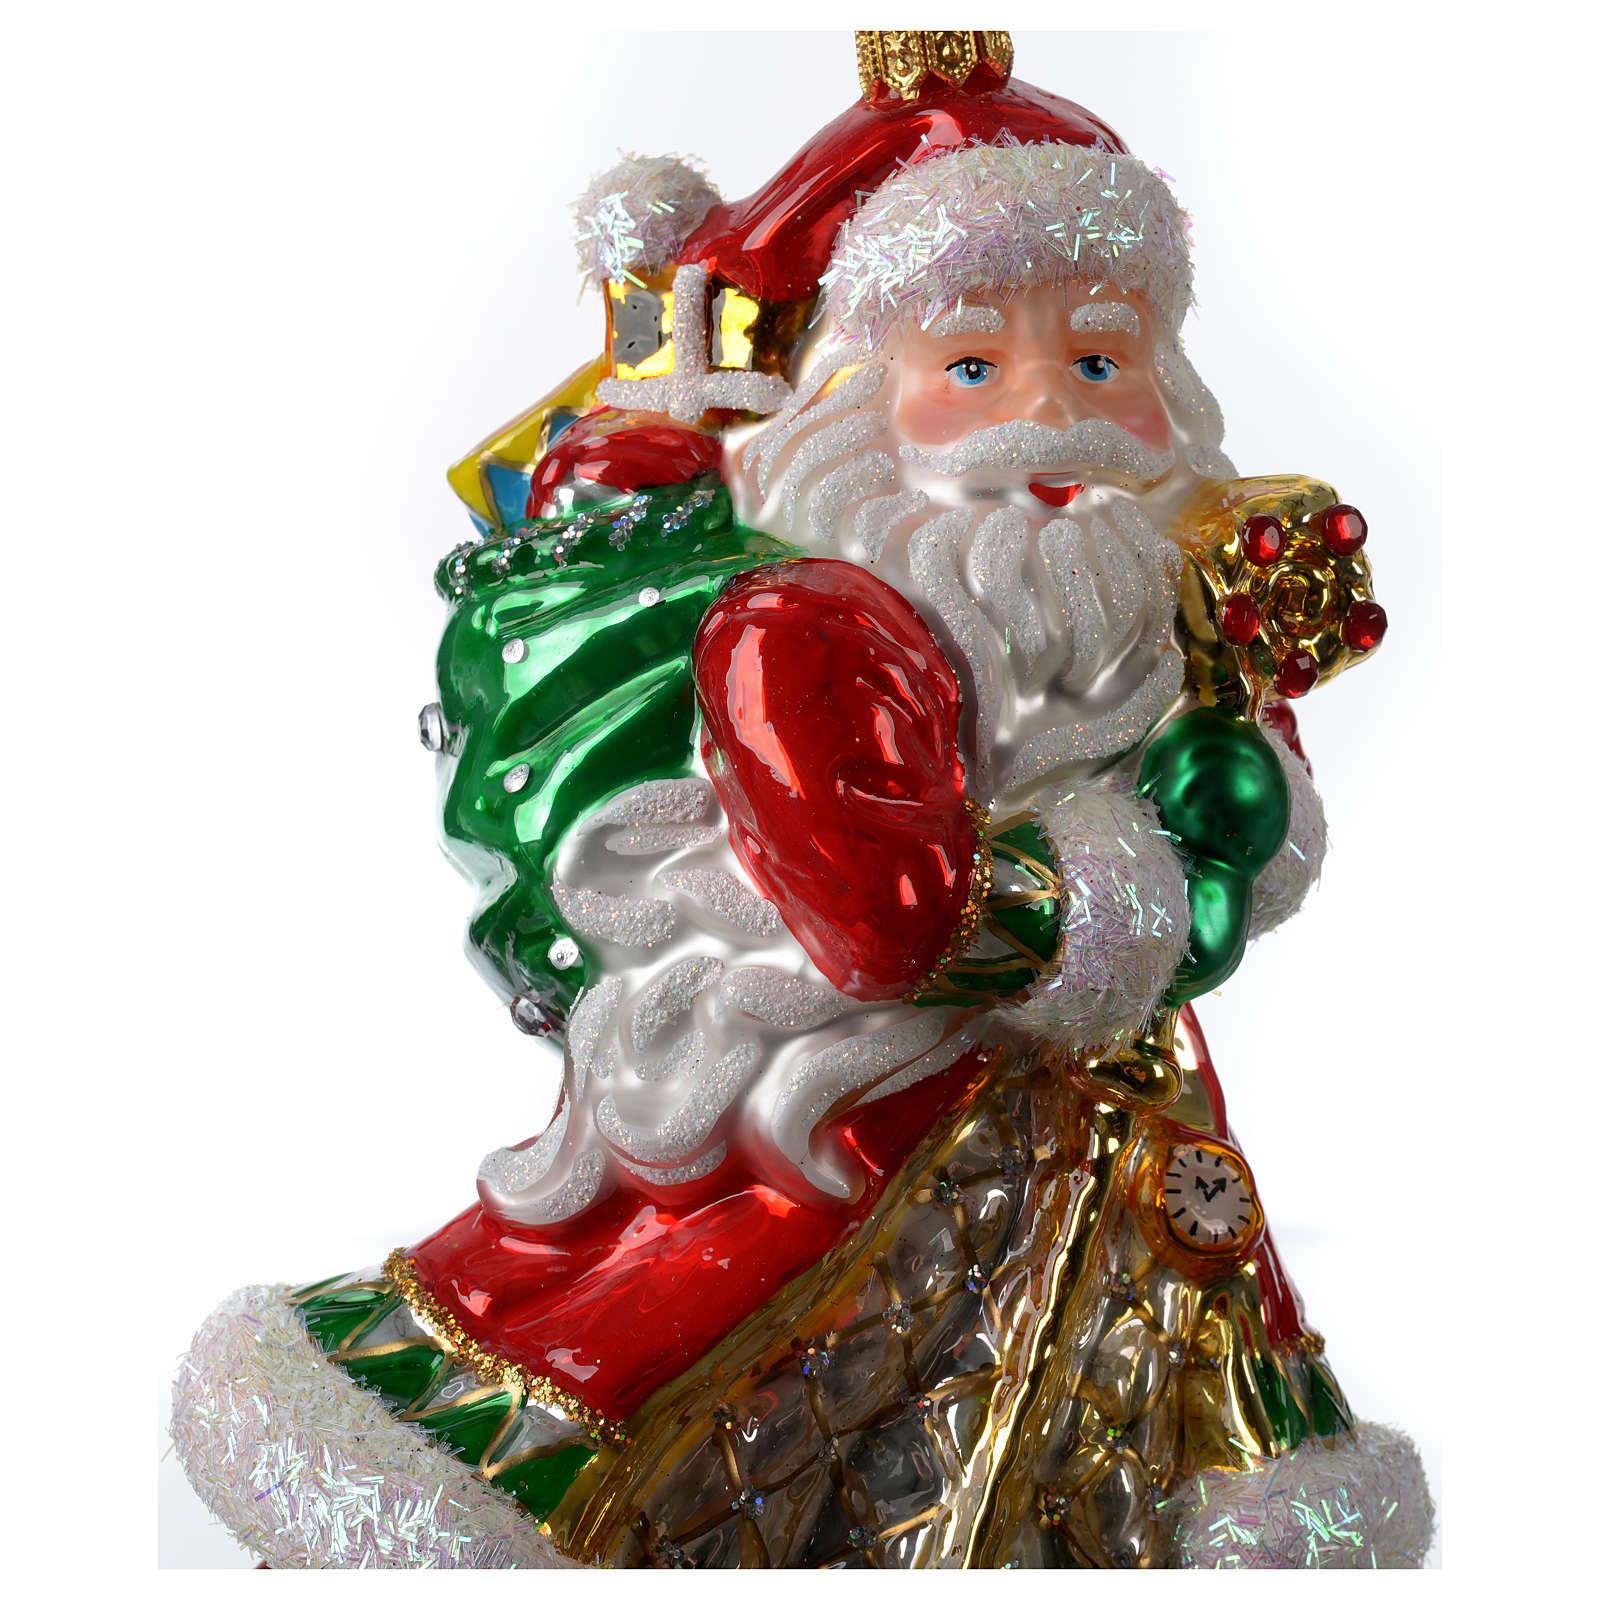 Décoration verre soufflé sapin Noël Père Noël avec cadeaux 4